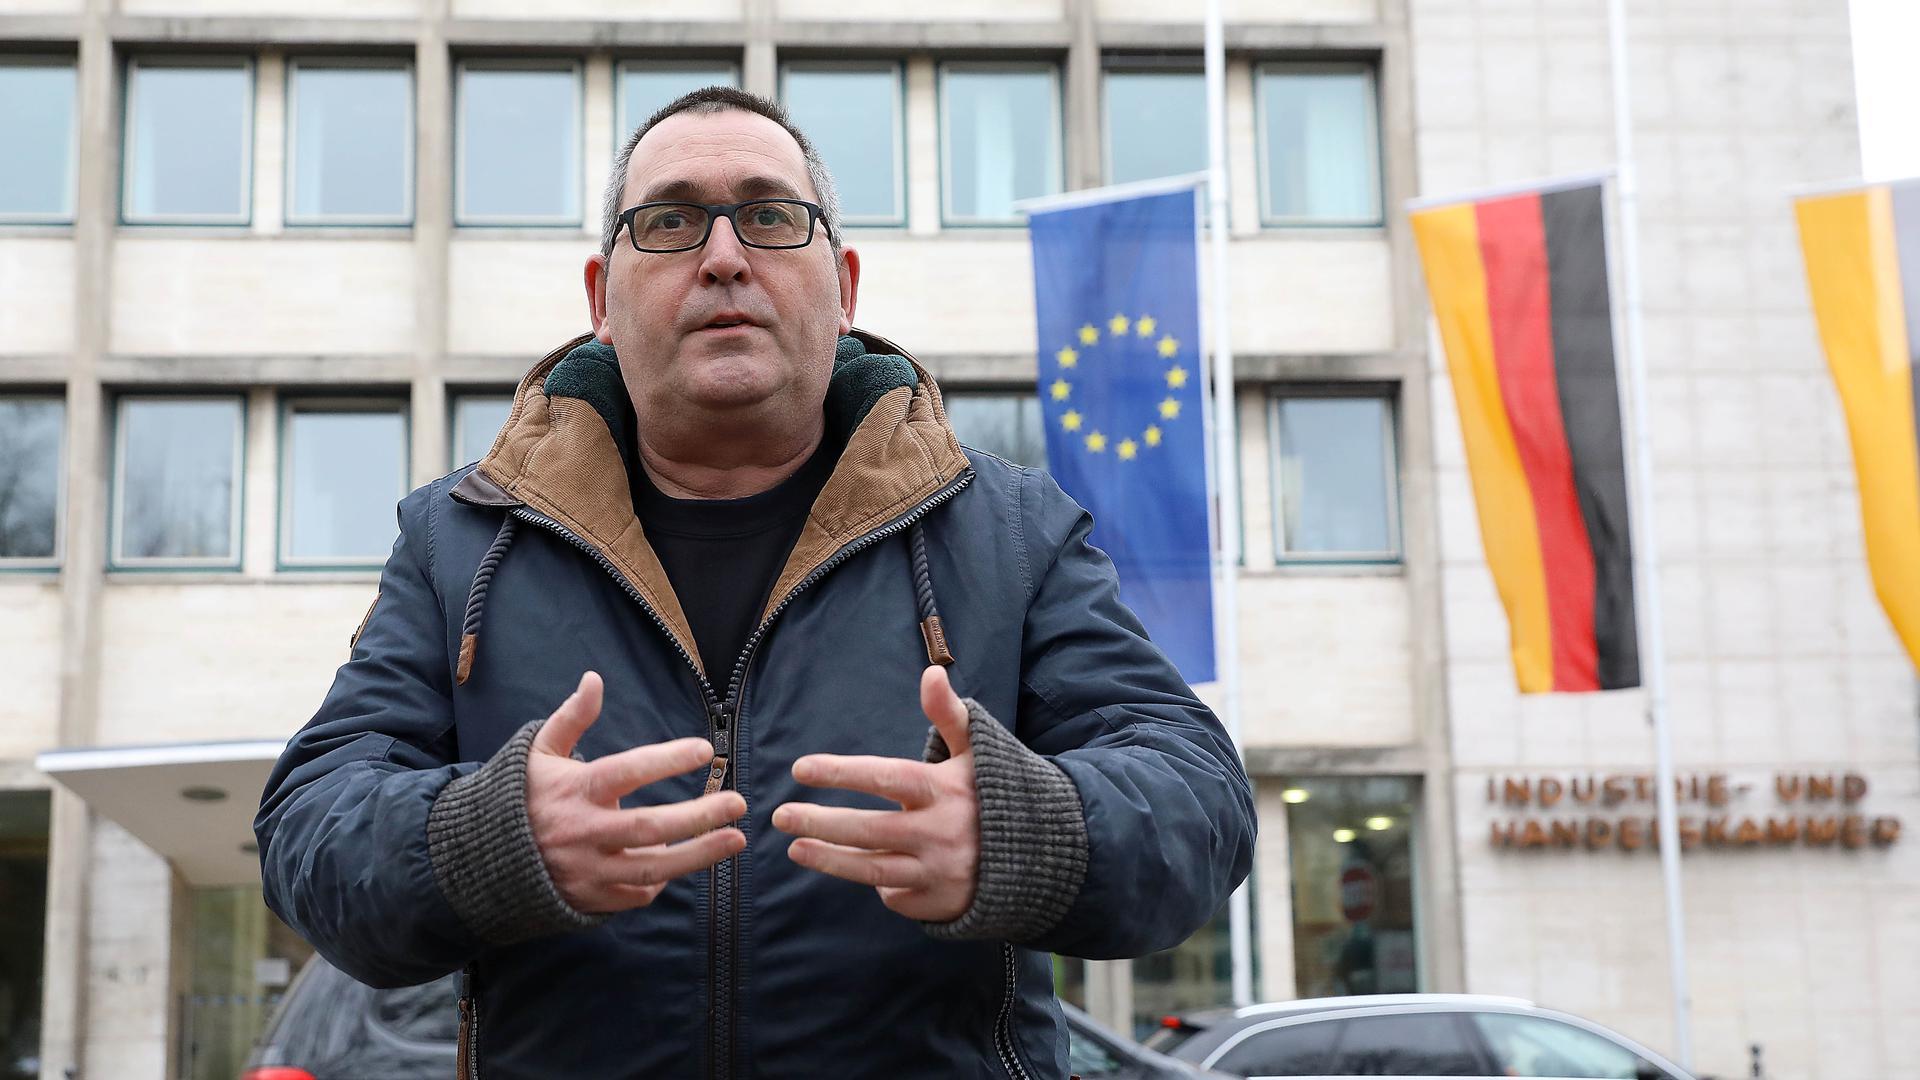 © Jodo-Foto /  Joerg  Donecker//  27.01.2021 Patrik Warren / FDP / Landtagswahl,    -Copyright - Jodo-Foto /  Joerg  Donecker Sonnenbergstr.4  D-76228 KARLSRUHE TEL:  0049 (0) 721-9473285 FAX:  0049 (0) 721 4903368  Mobil: 0049 (0) 172 7238737 E-Mail:  joerg.donecker@t-online.de Sparkasse Karlsruhe  IBAN: DE12 6605 0101 0010 0395 50, BIC: KARSDE66XX Steuernummer 34140/28360 Veroeffentlichung nur gegen Honorar nach MFM zzgl. ges. Mwst.  , Belegexemplar und Namensnennung. Es gelten meine AGB.